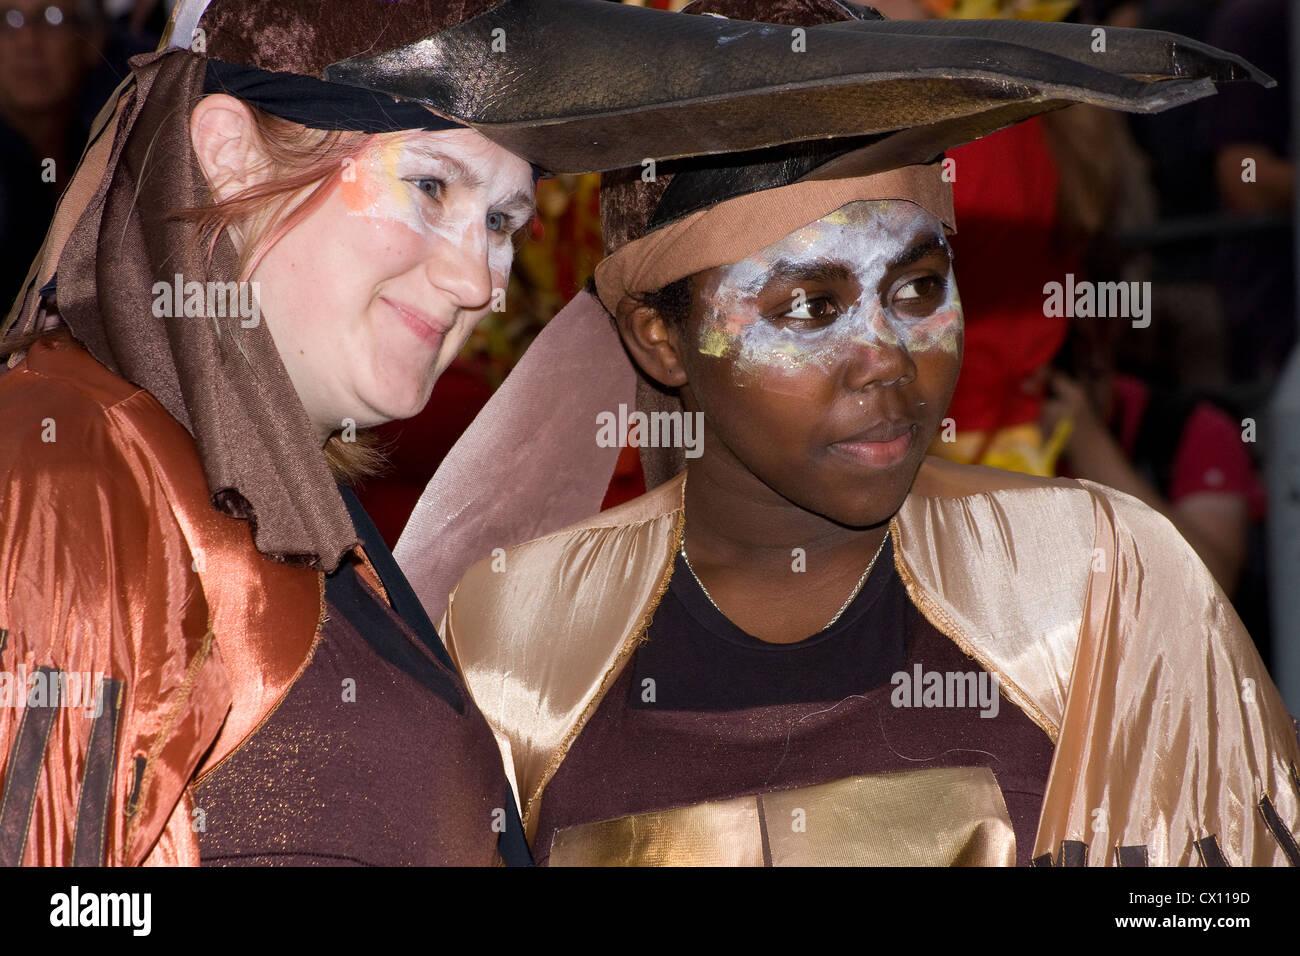 Thames Festival Carnival Upper Ground Southwark - Stock Image